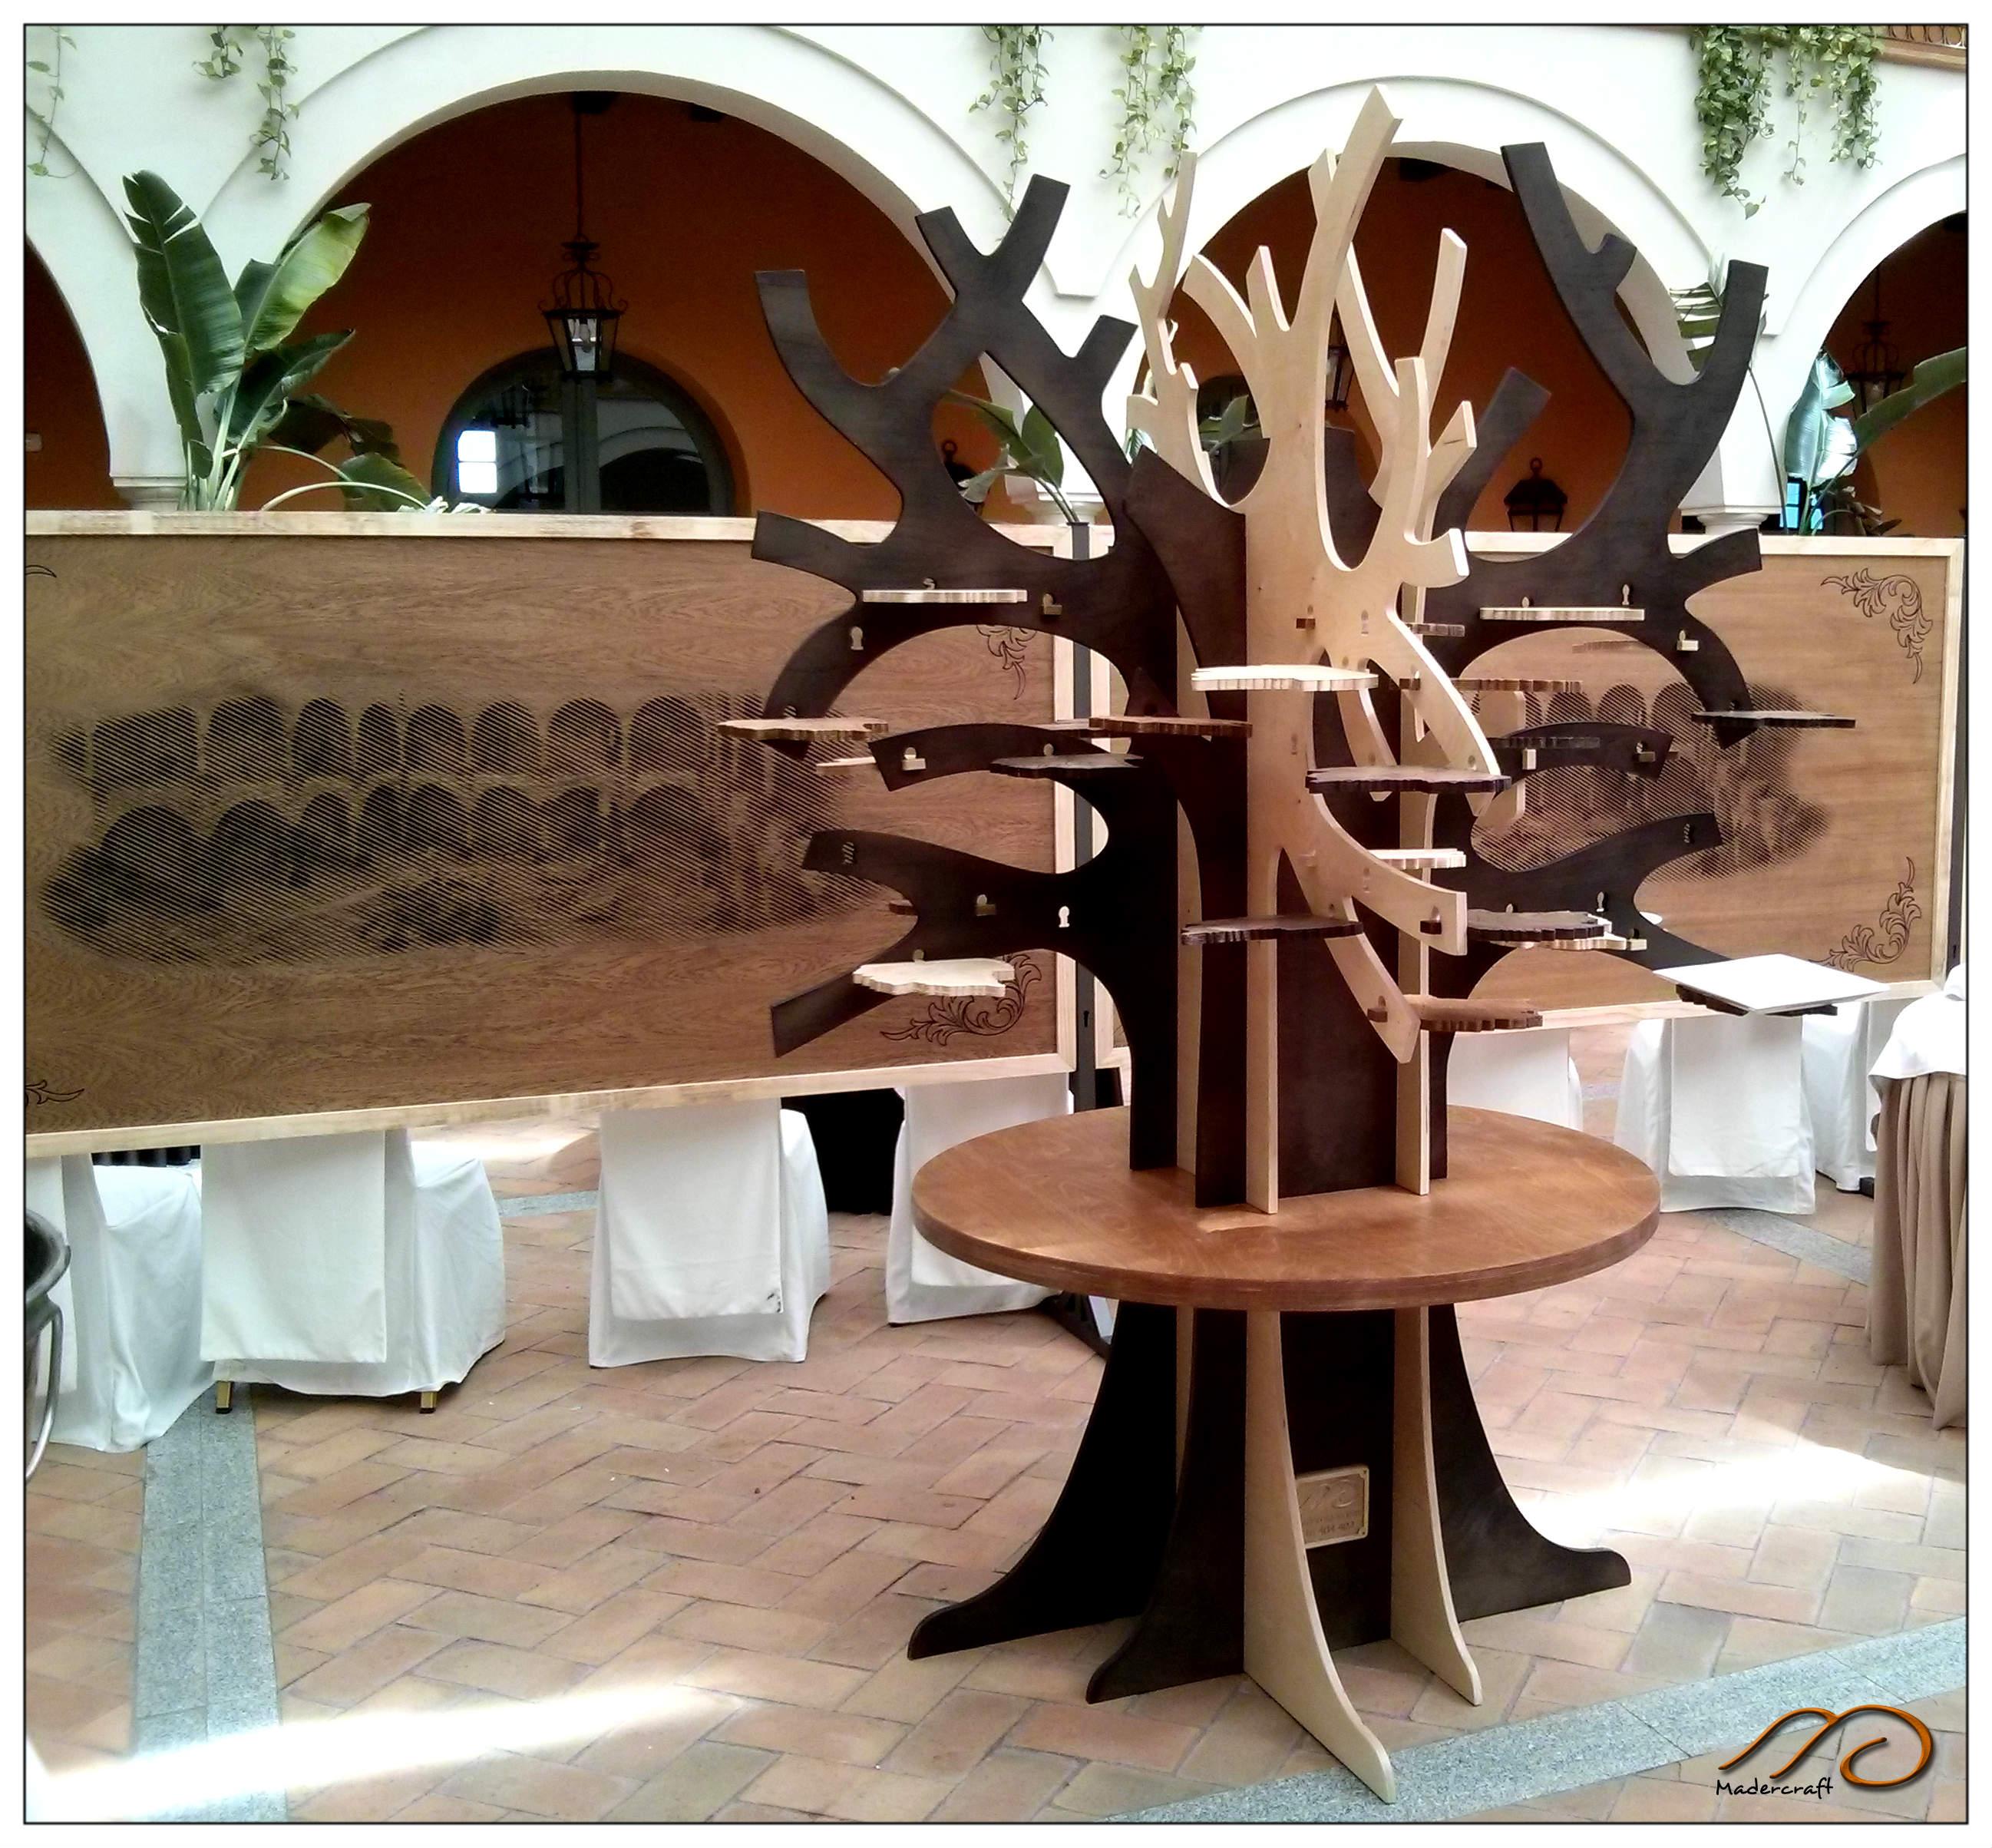 Instalado en el hotel